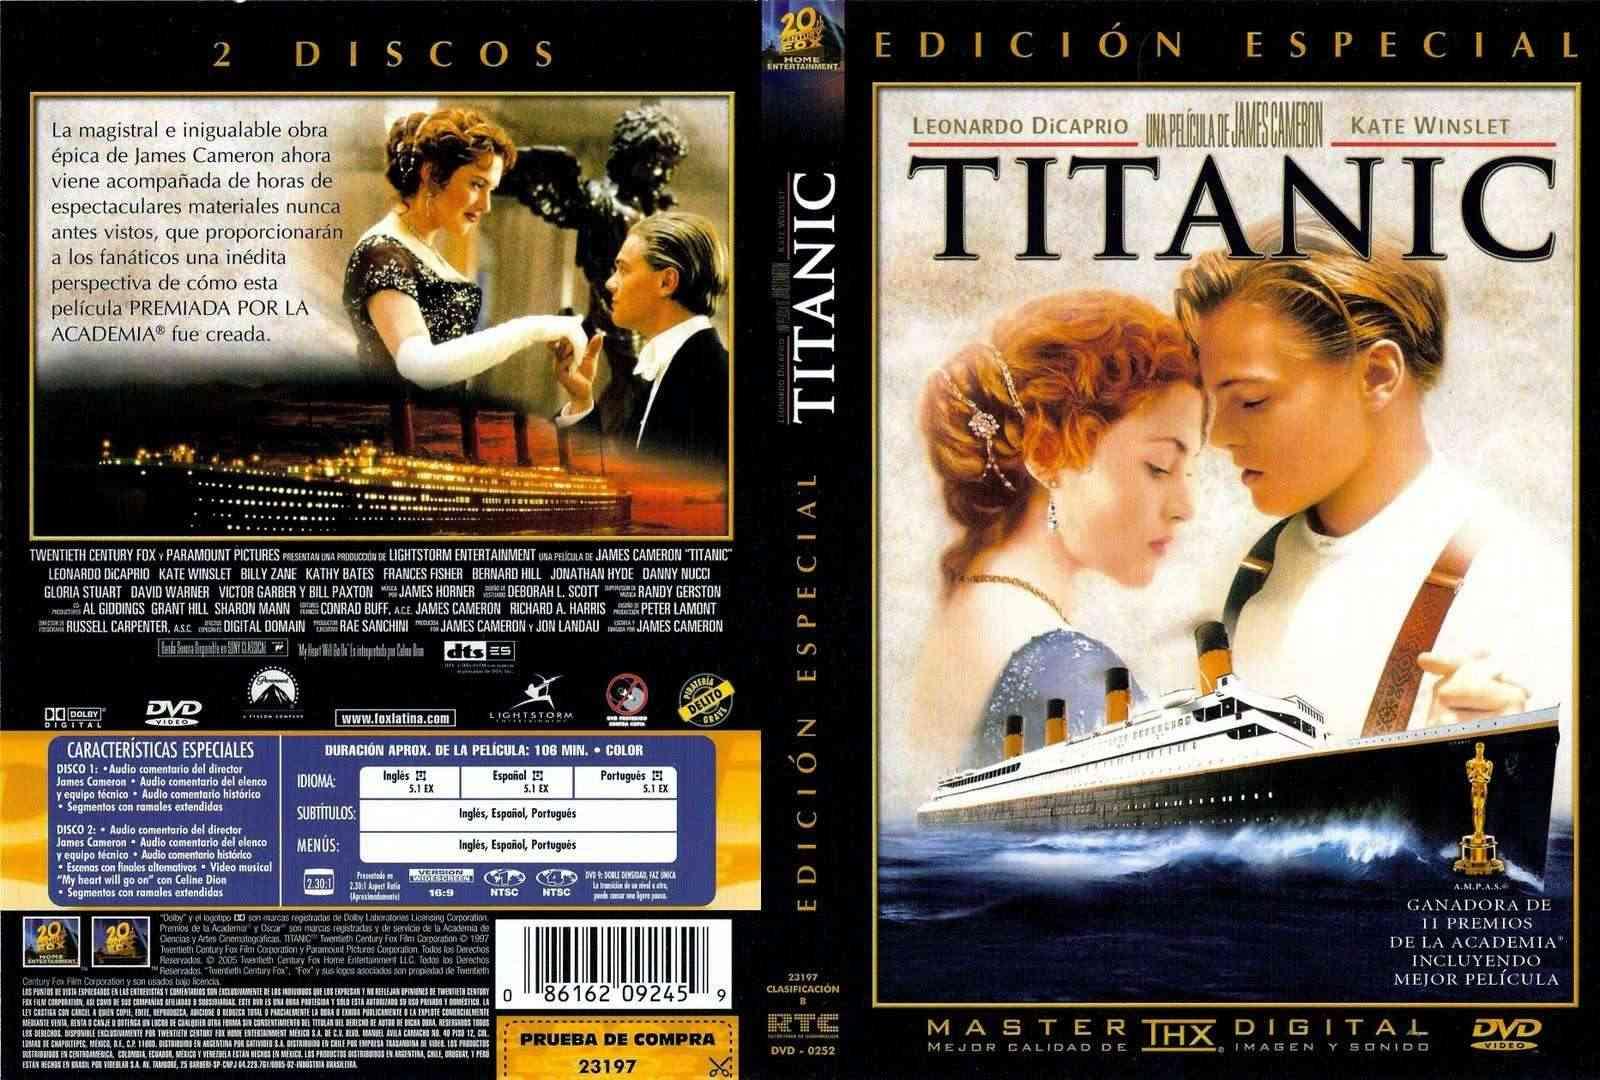 Titanic dual audio 720p putlocker descargar gratis for El mural pelicula descargar